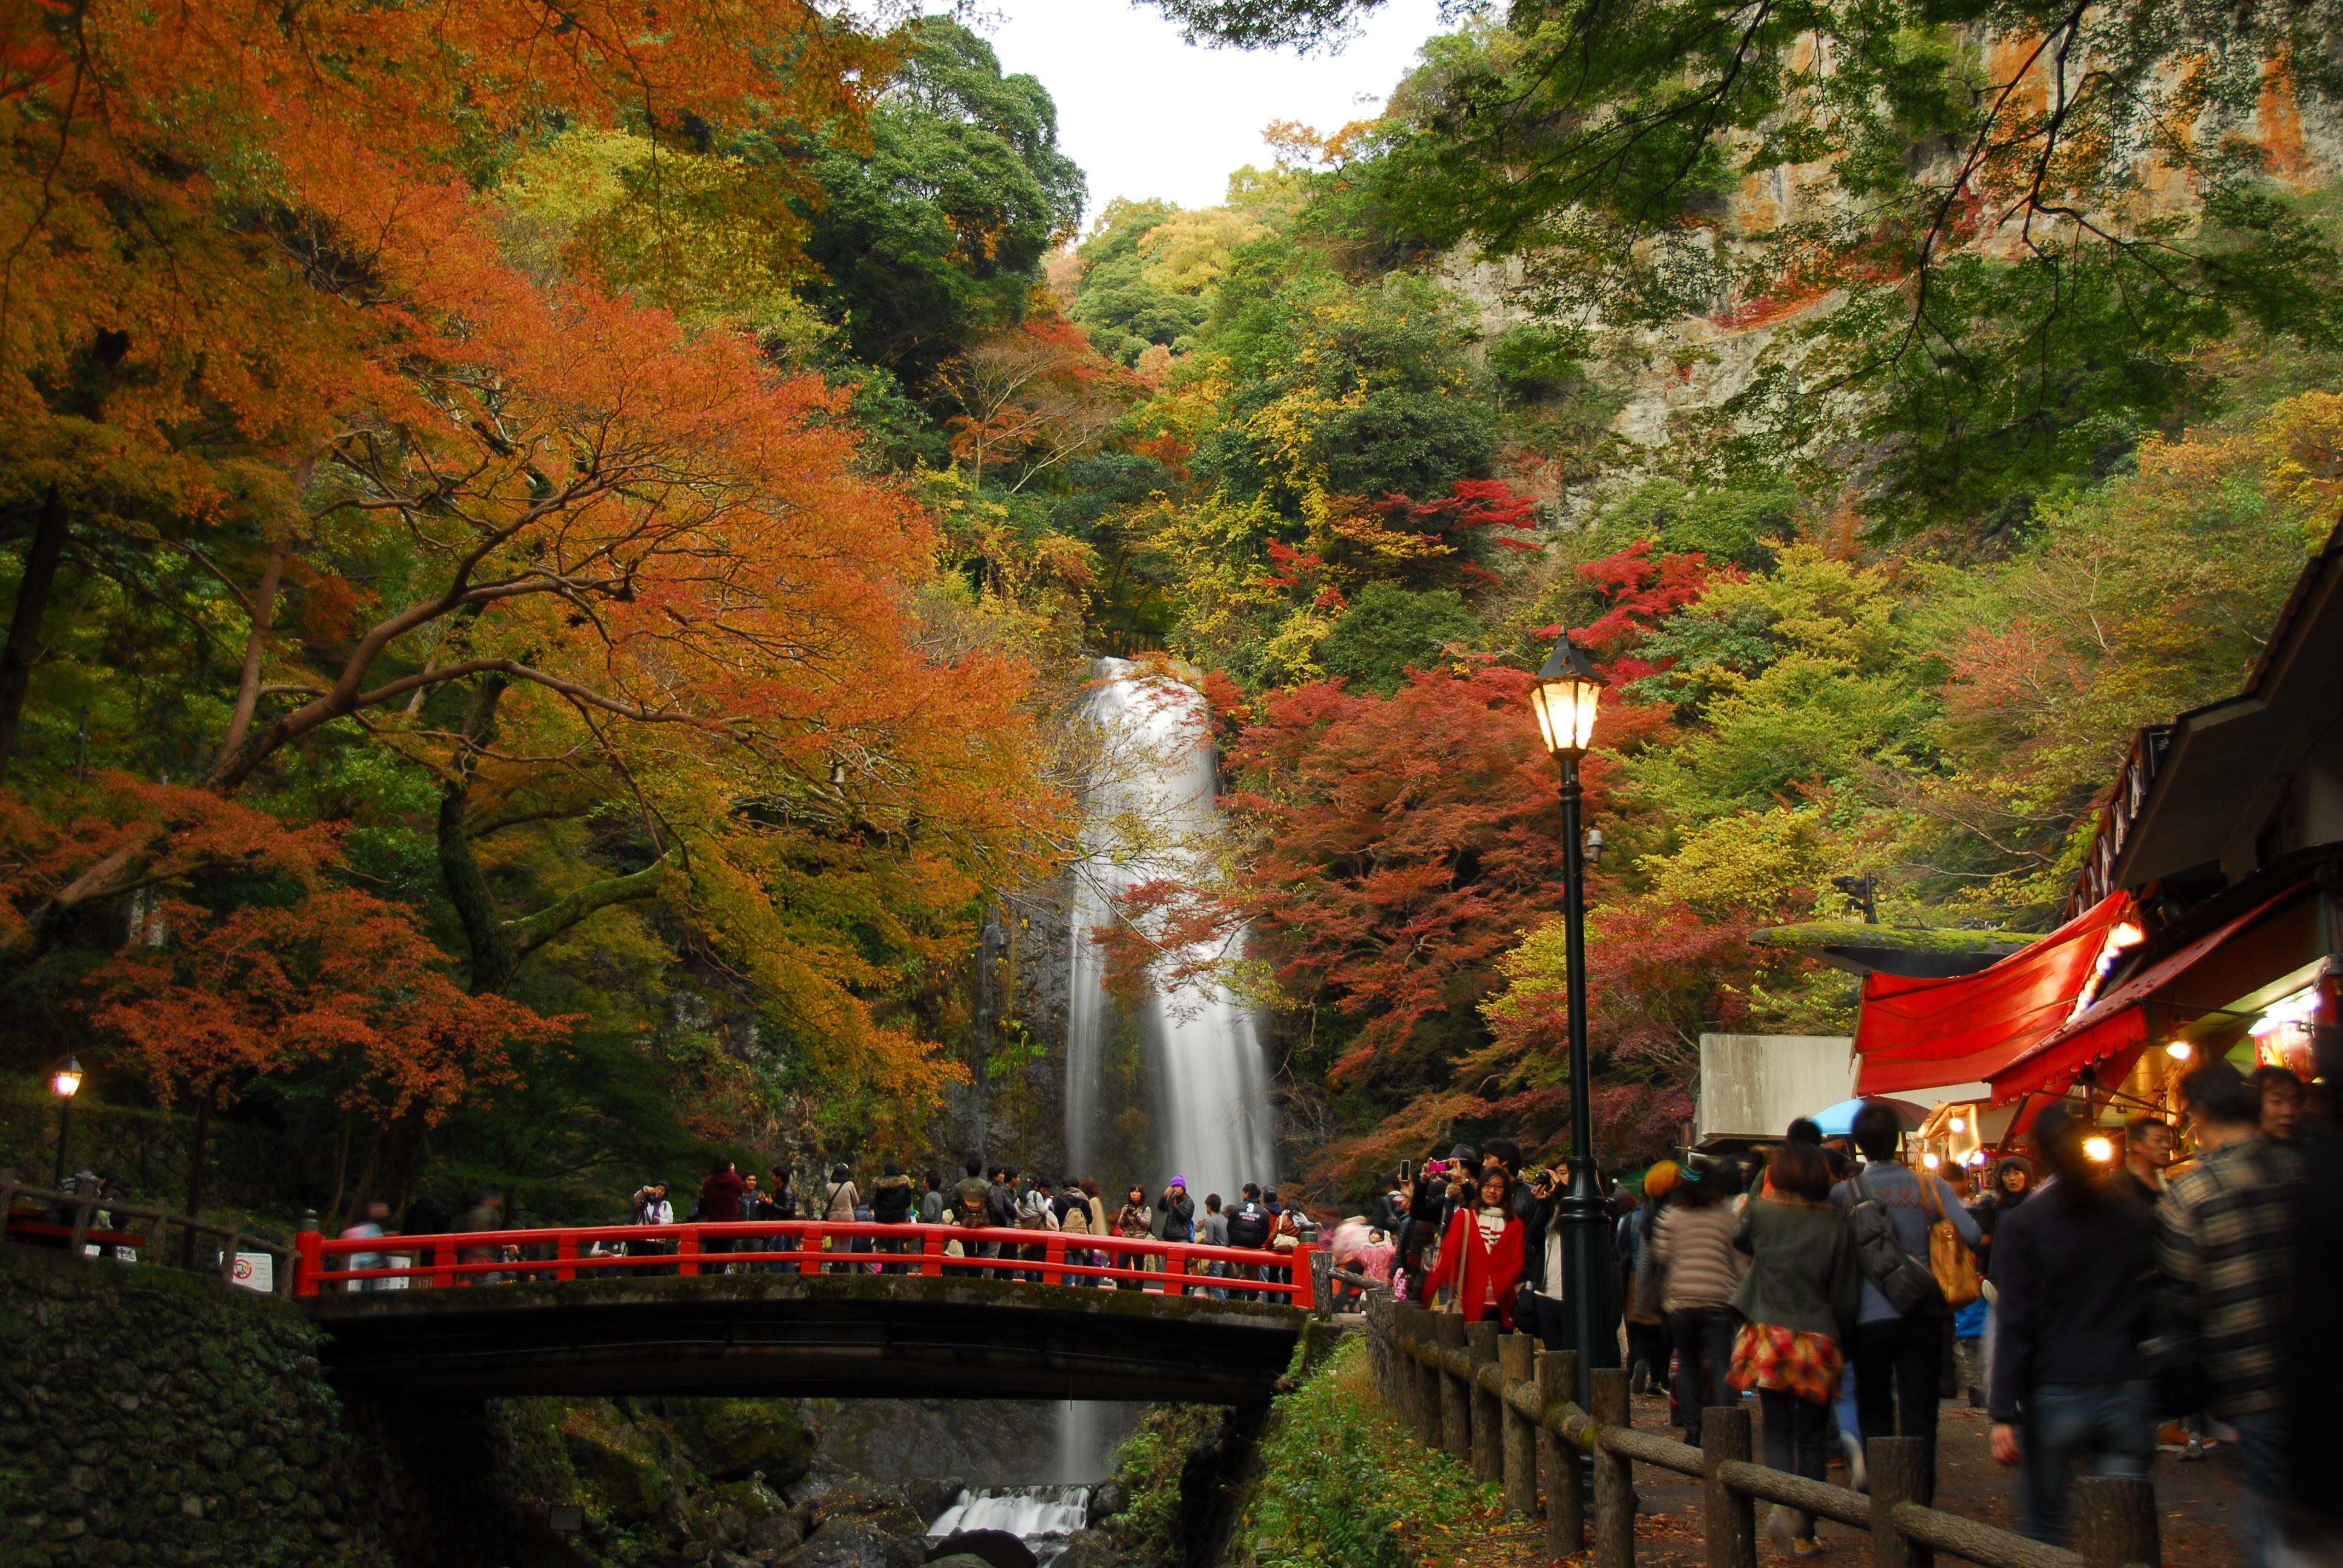 箕面の滝ハイキング婚活のイメージ画像|大阪で婚活イベント(婚活パーティーや趣味コン)なら一期一会